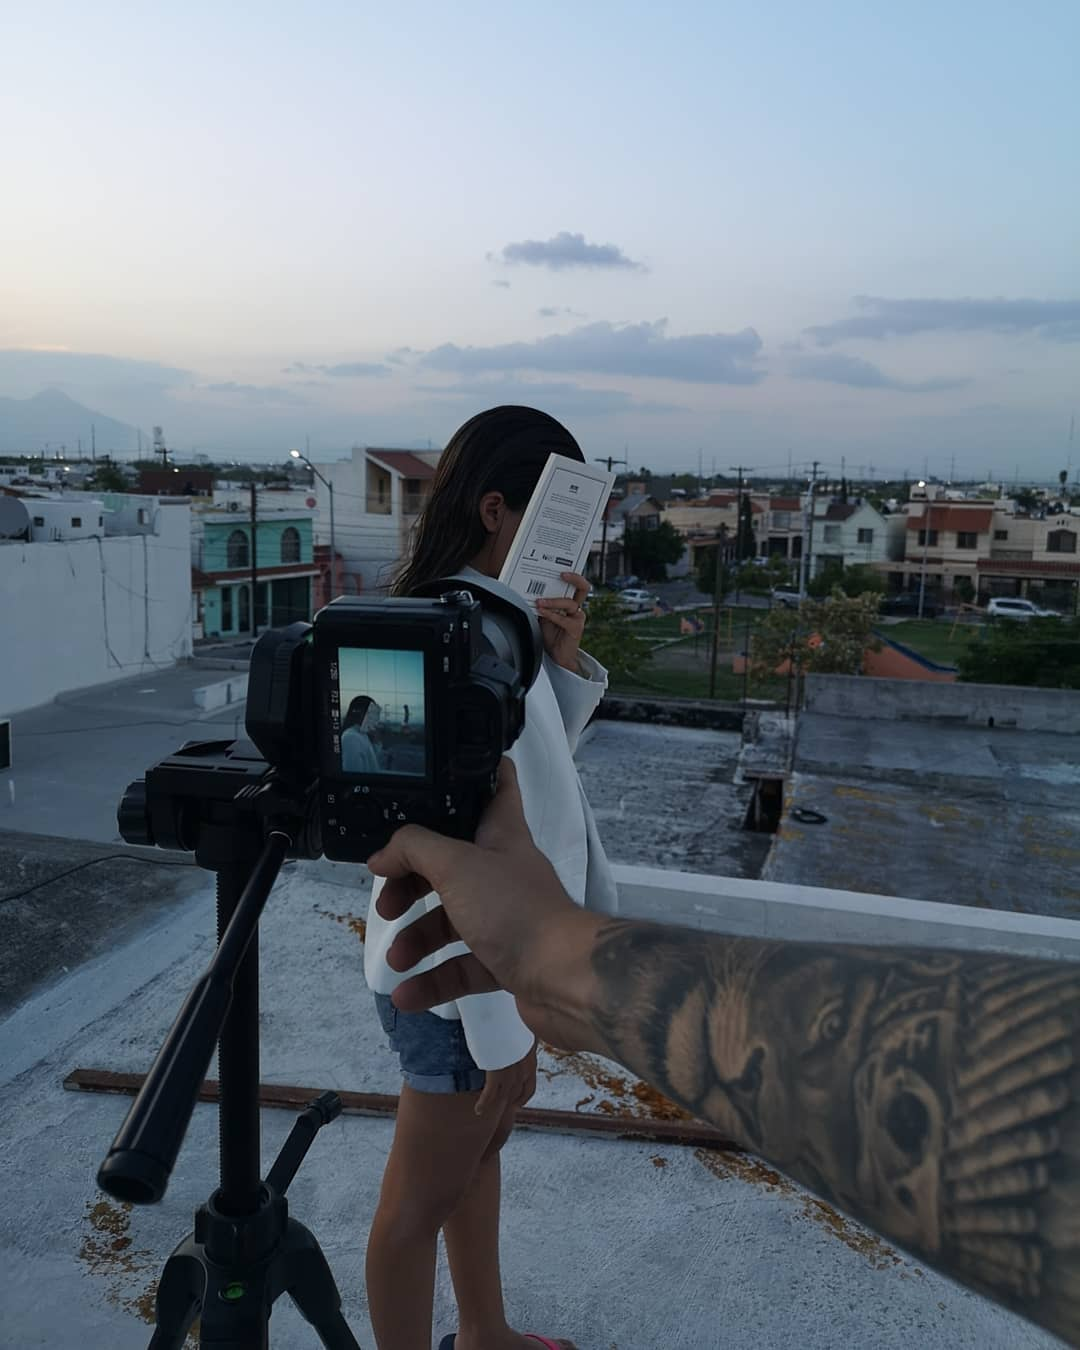 Мексиканский фотограф показал, как проходят крутые фотосессии со стороны